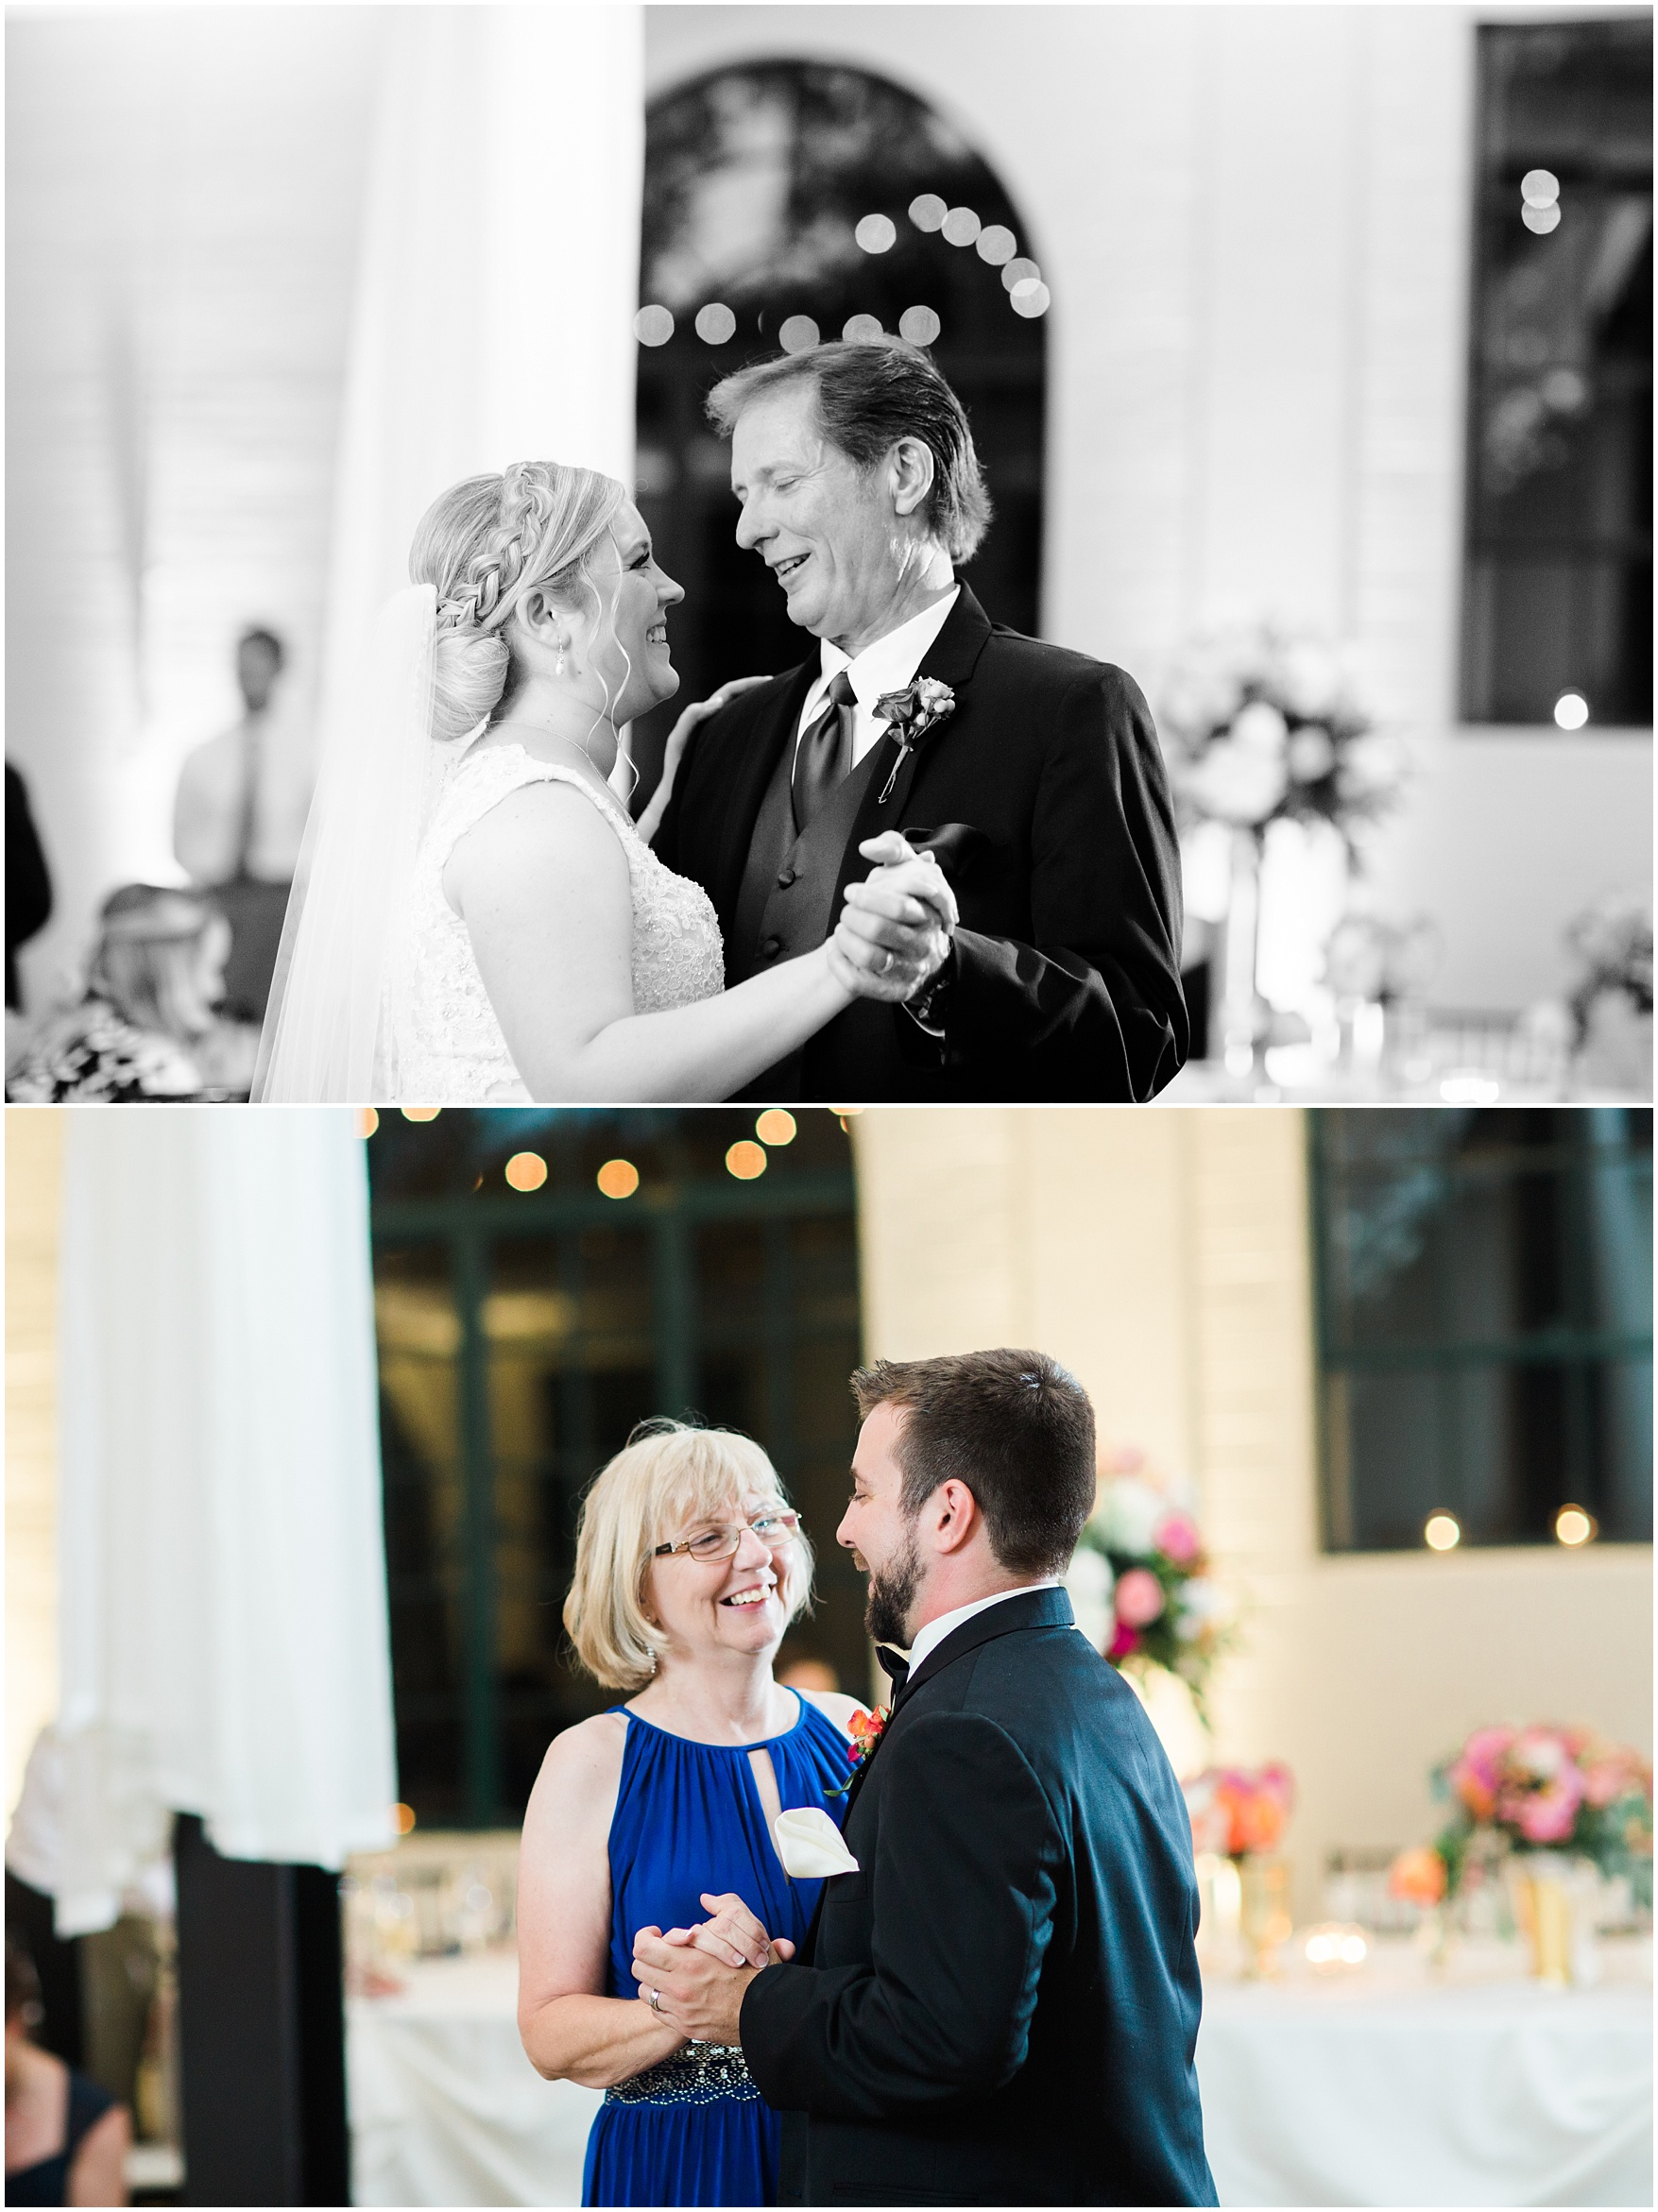 wedding photography st louis_lauren muckler photography_film photographer_film wedding_0187.jpg